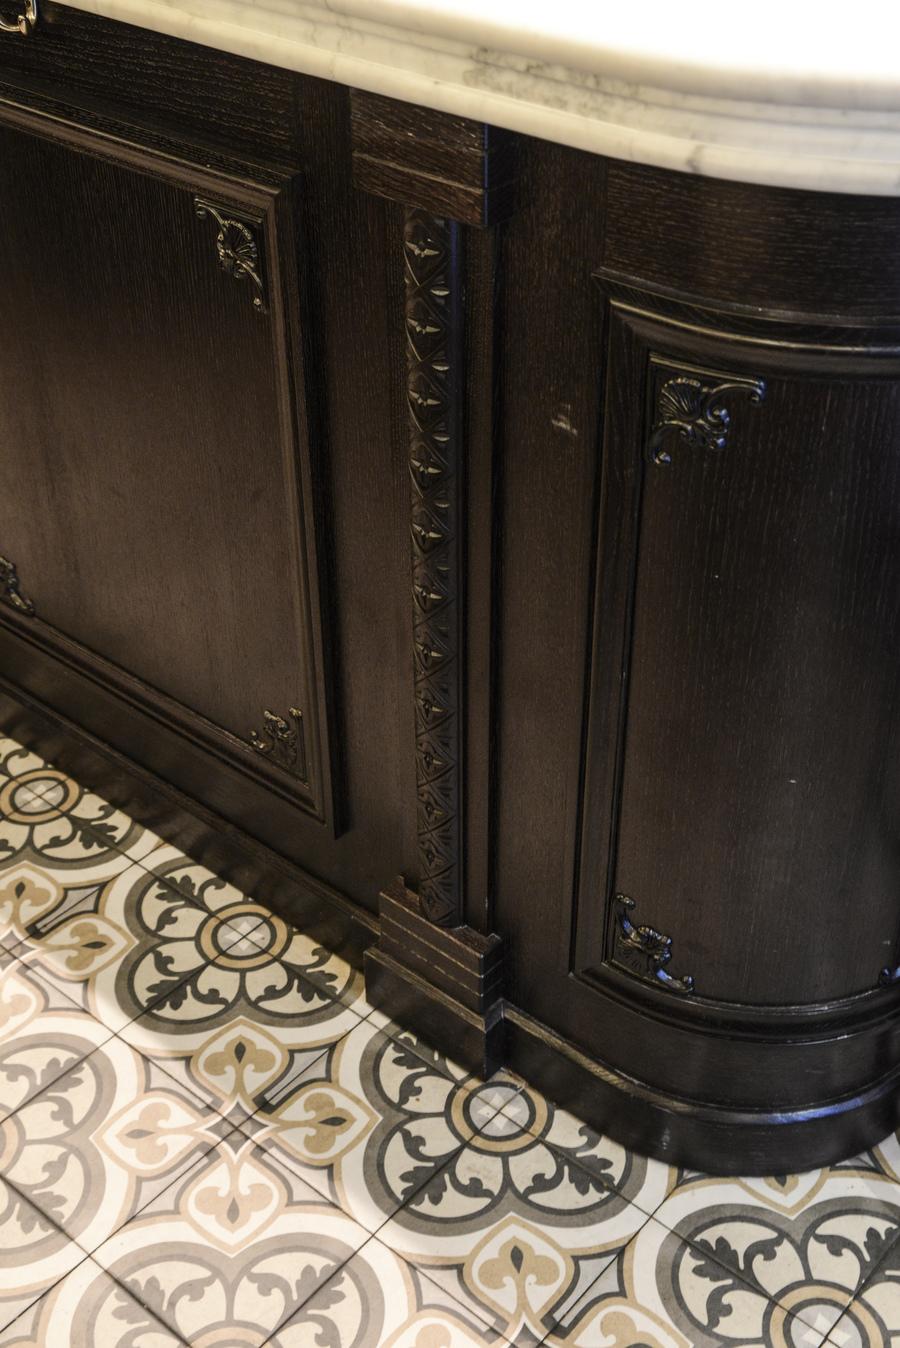 Le Studio Emma Roux en collaboration avec Arkesen ont réalisé la décoration de la brasserie Le Gevaudan dans le 5eme arrondissement de Paris. Menuiserie, comptoir.